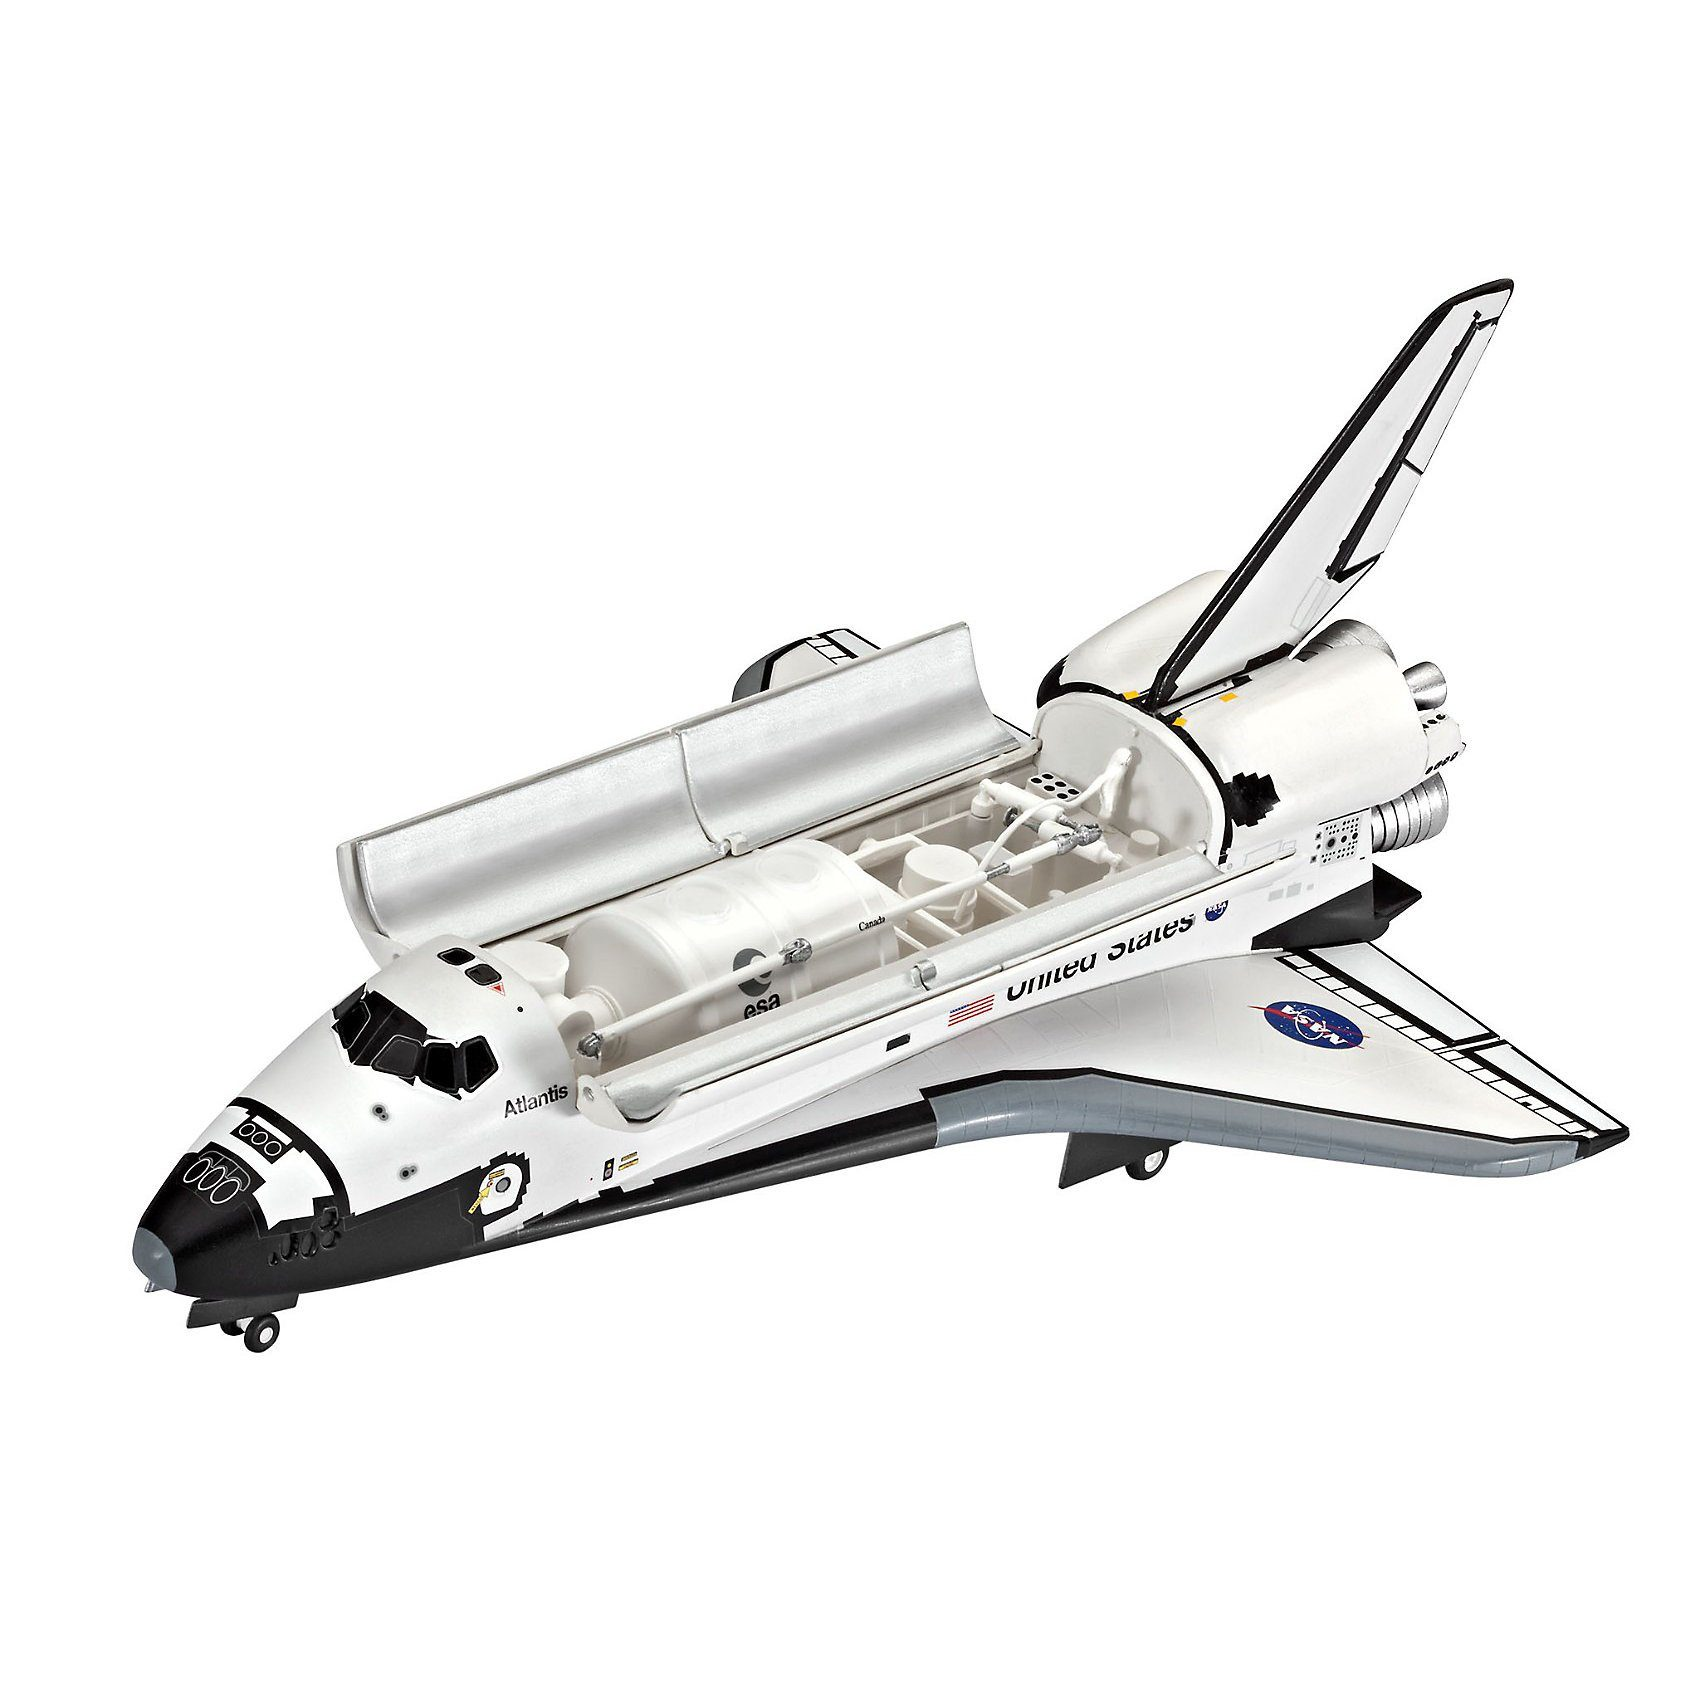 Revell Modellbausatz Space Shuttle Atlantis im Maßstab 1:144